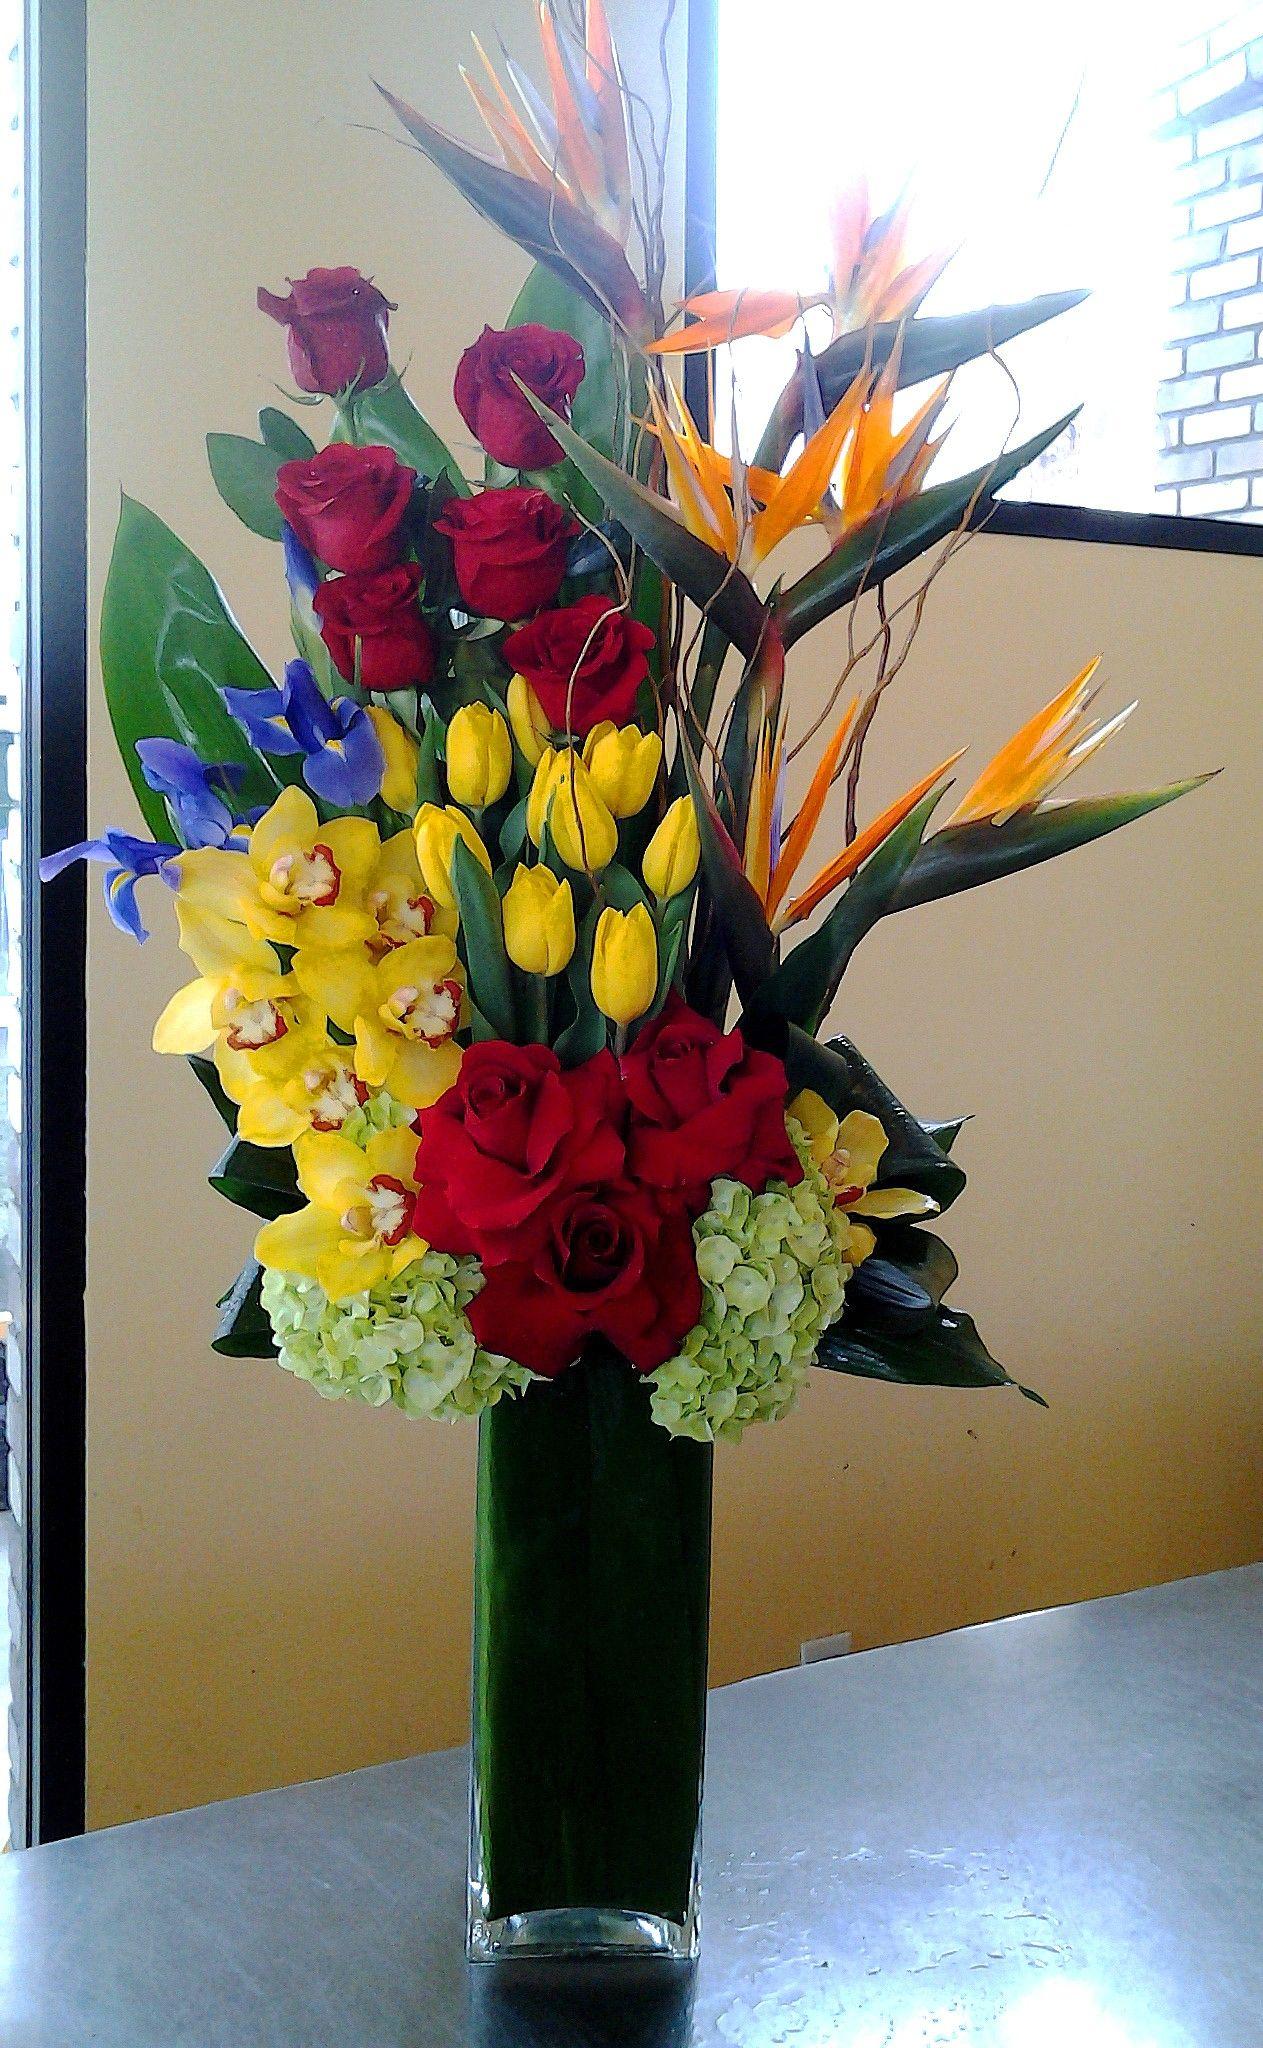 Send the Hidden Garden bouquet of flowers from American